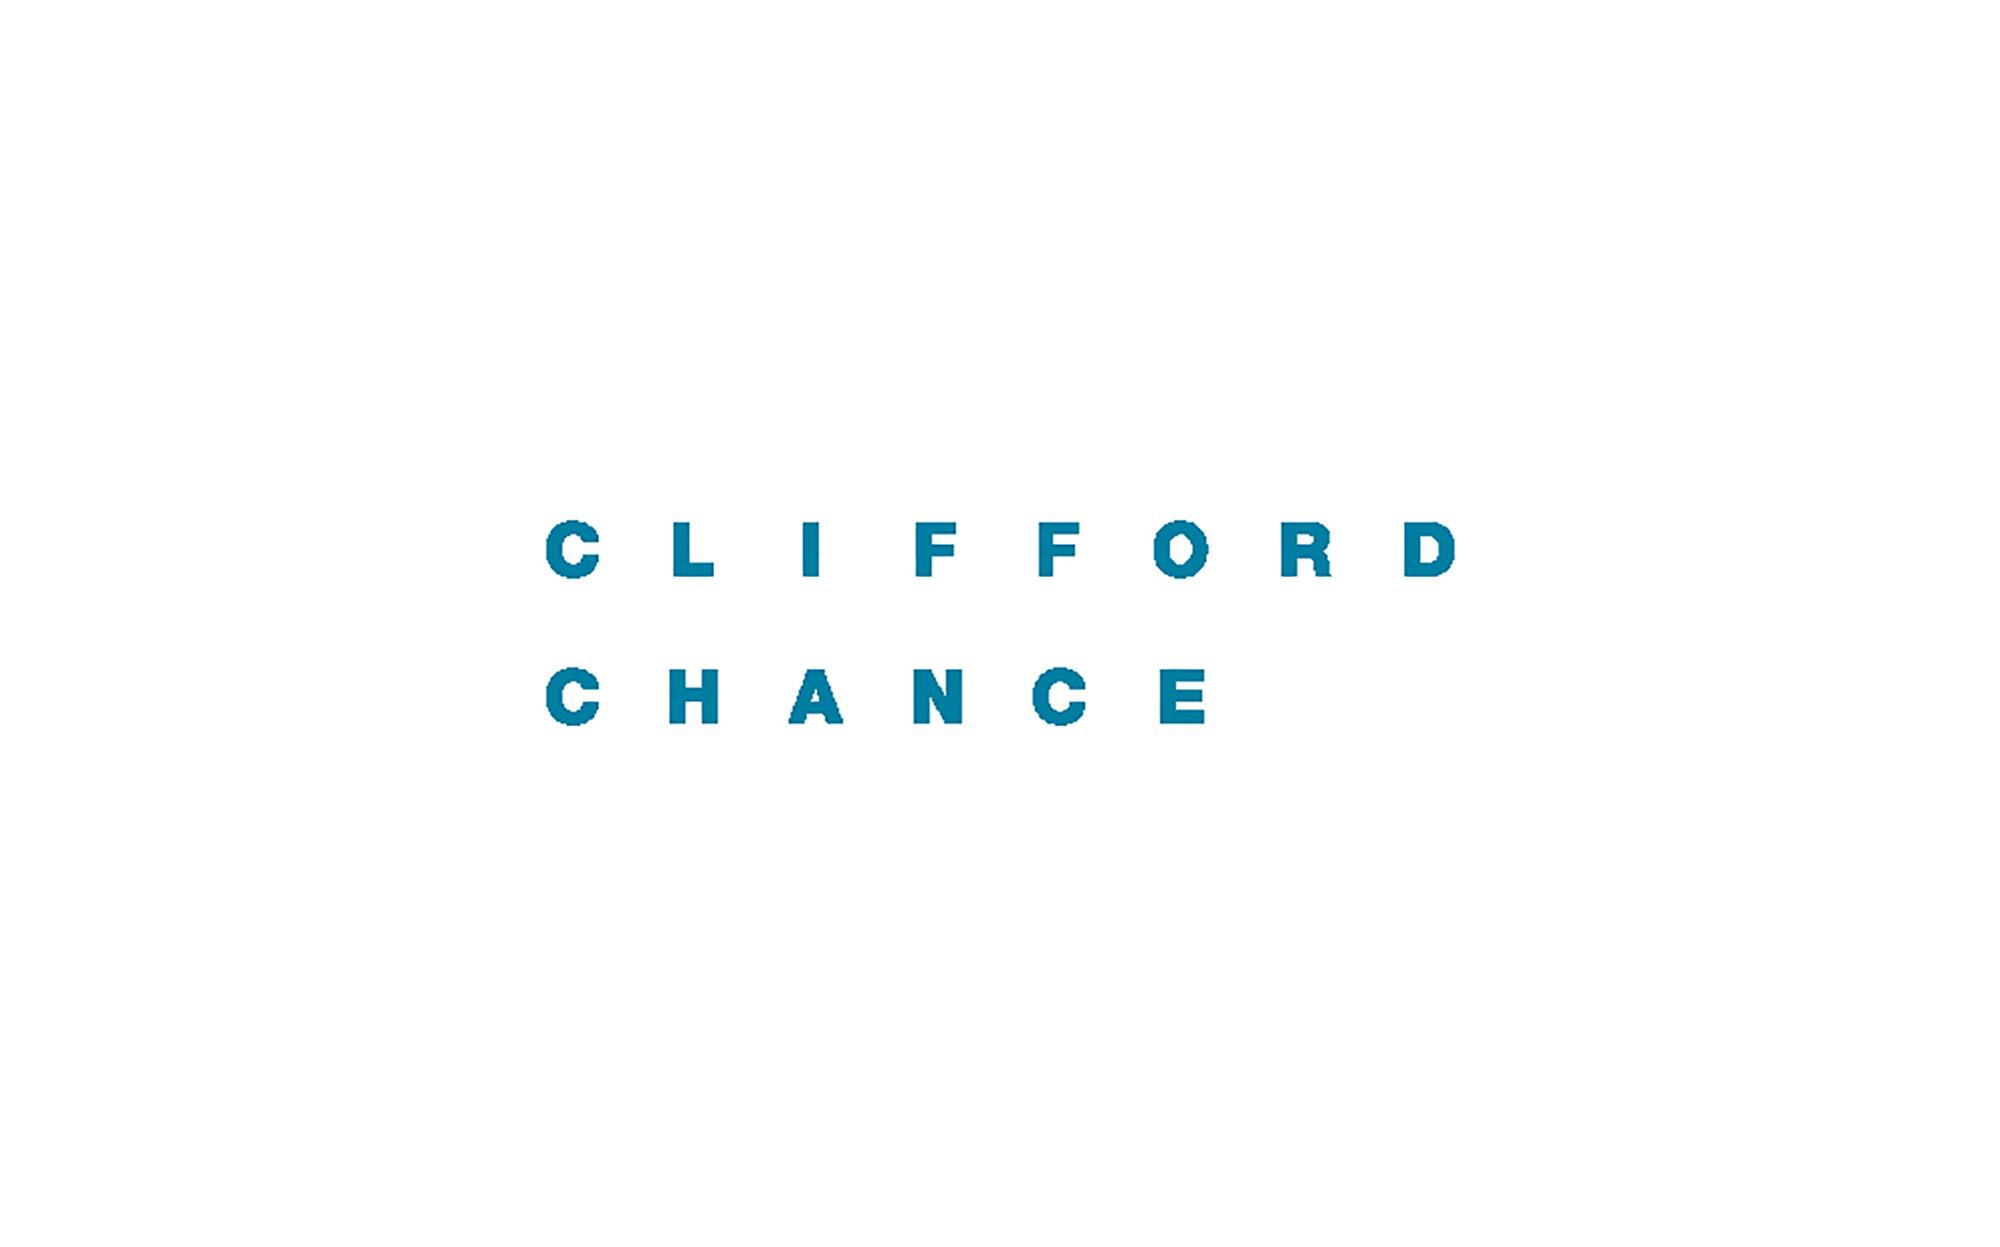 CLIFORD